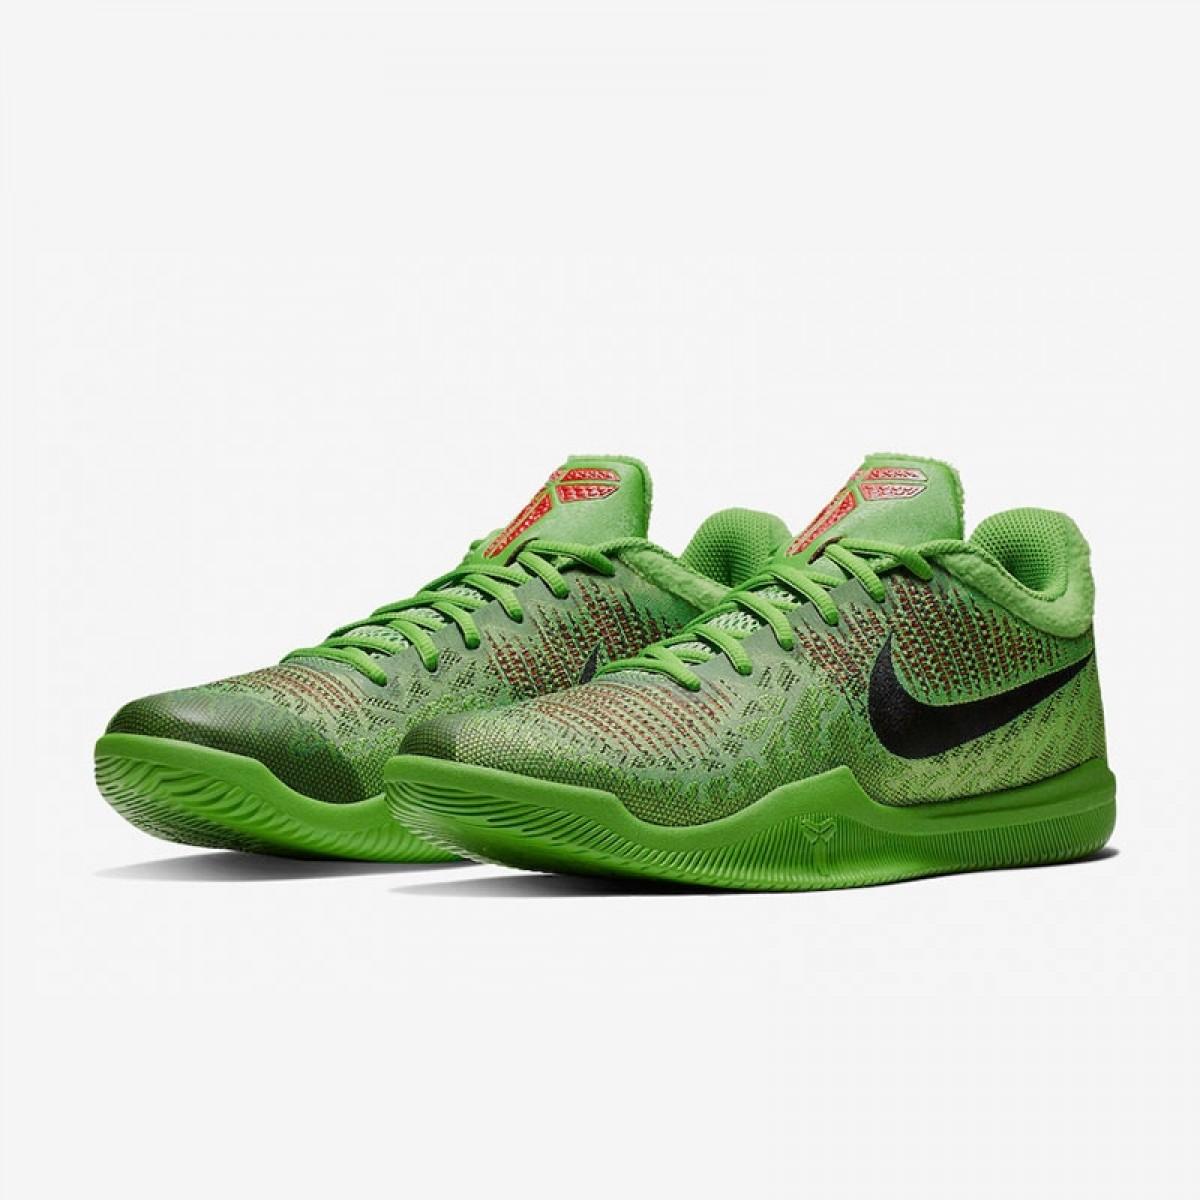 Nike Mamba Rage 'Grinch' 908972-300